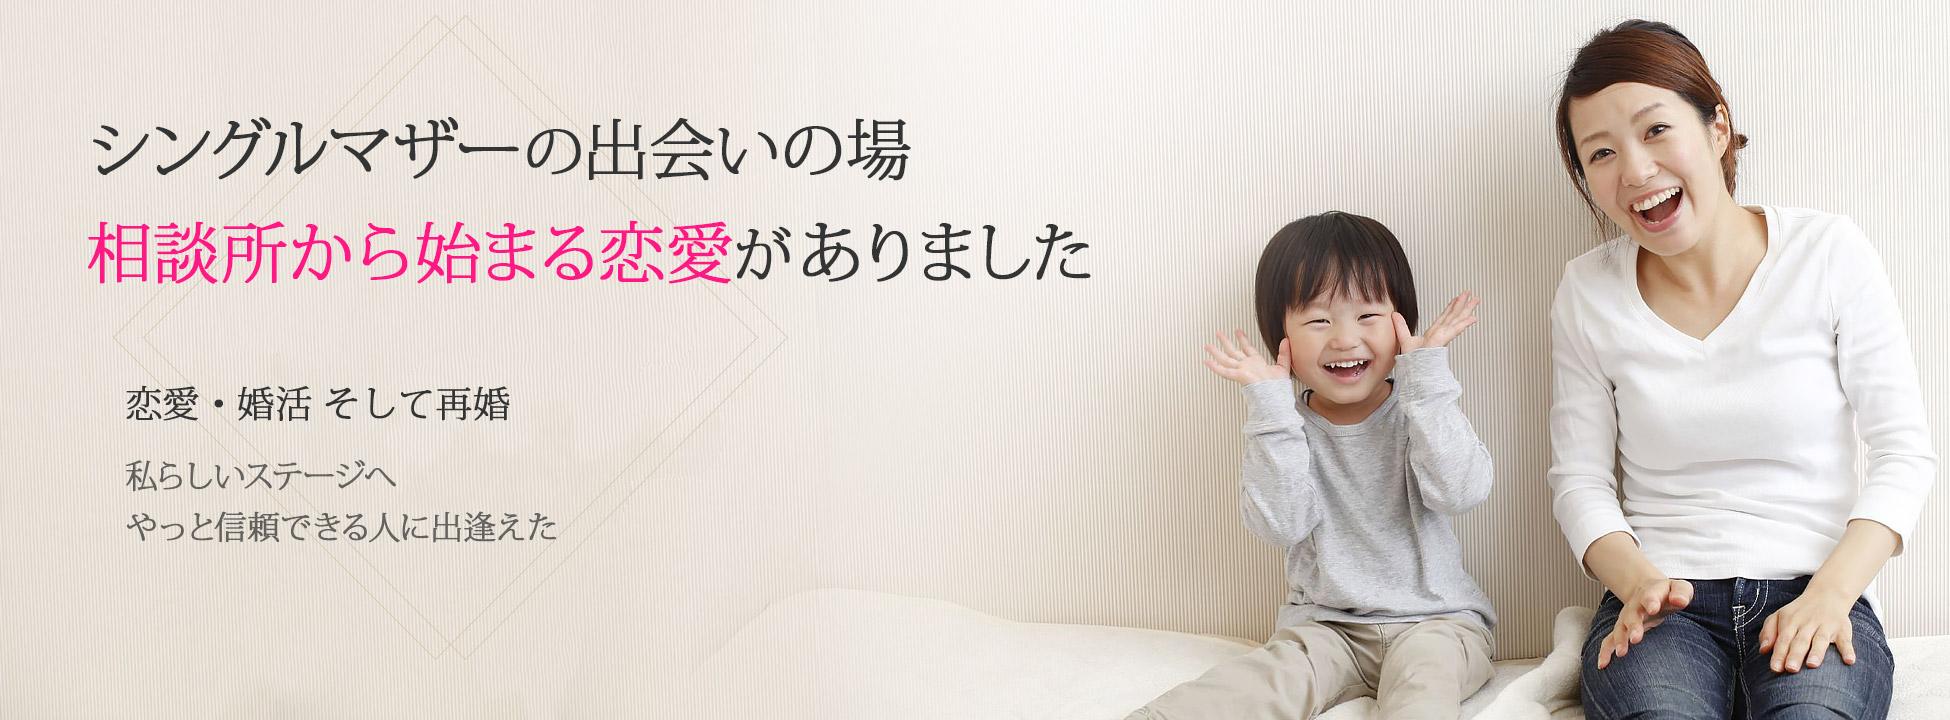 出会いの場 シングルマザー 結婚相談所 福岡